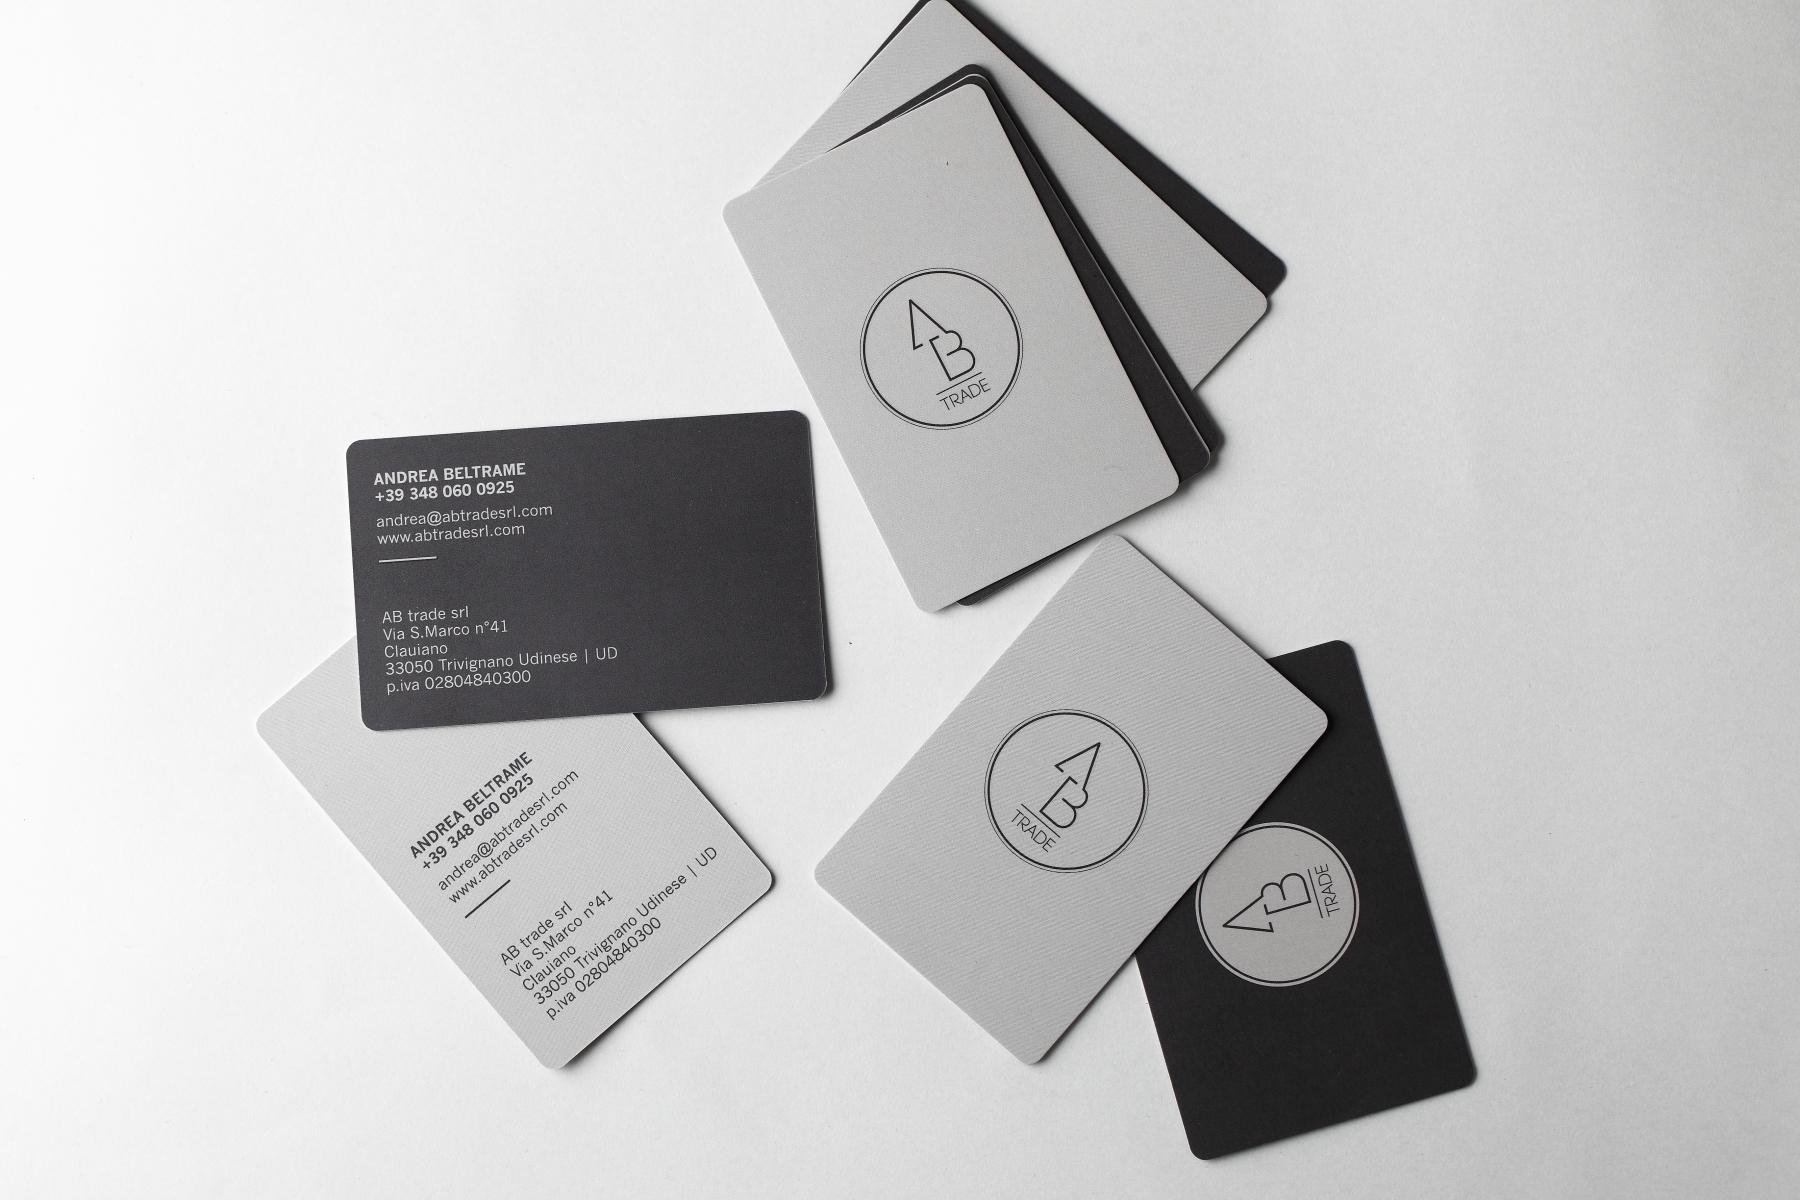 studio doppiofilo design educazione immagine coordinata logo